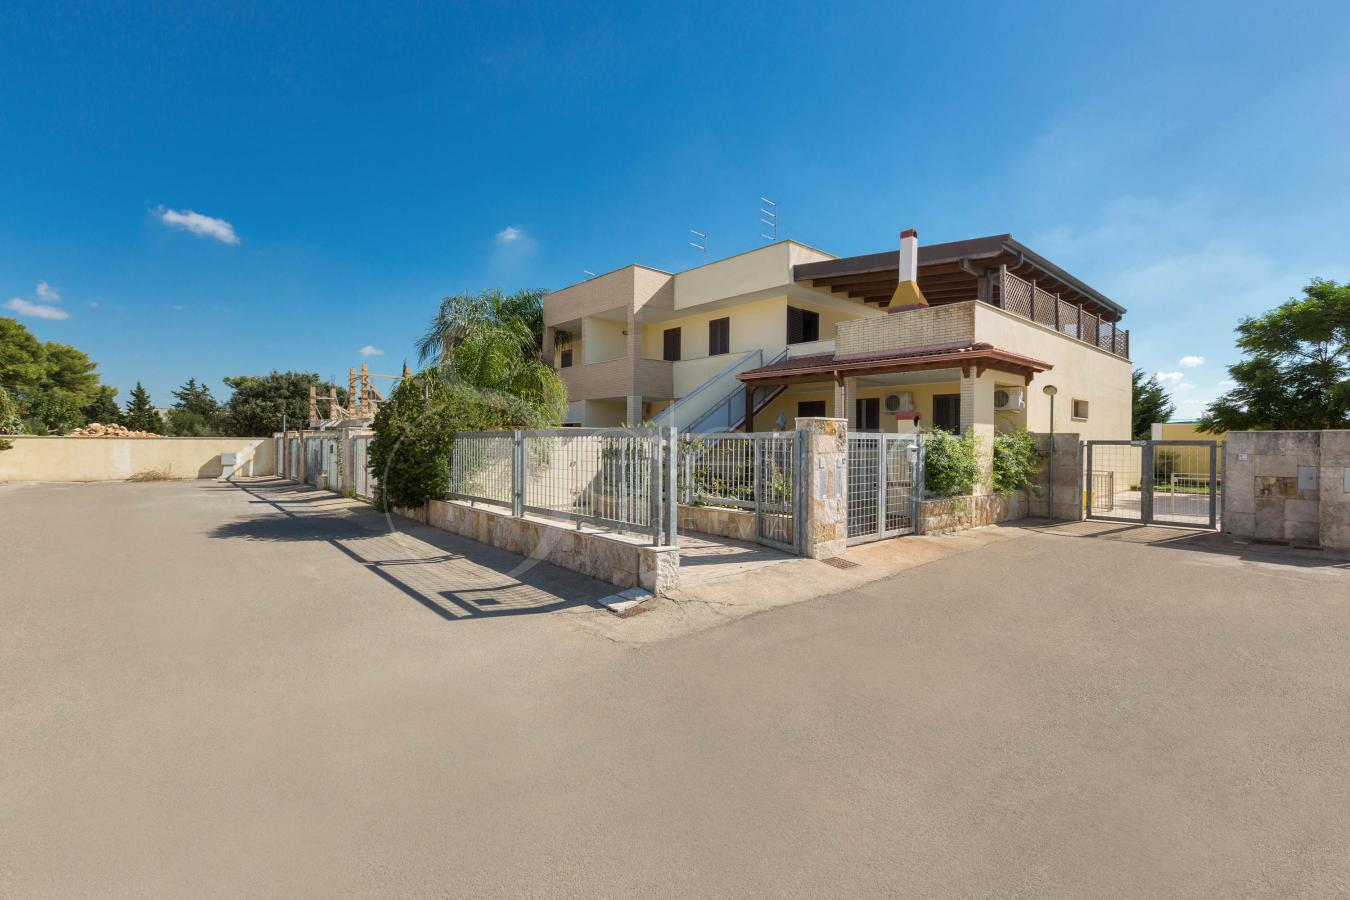 Appartements de vacances - Villaggio Boncore ( Porto Cesareo ) - Appartamento Solaris